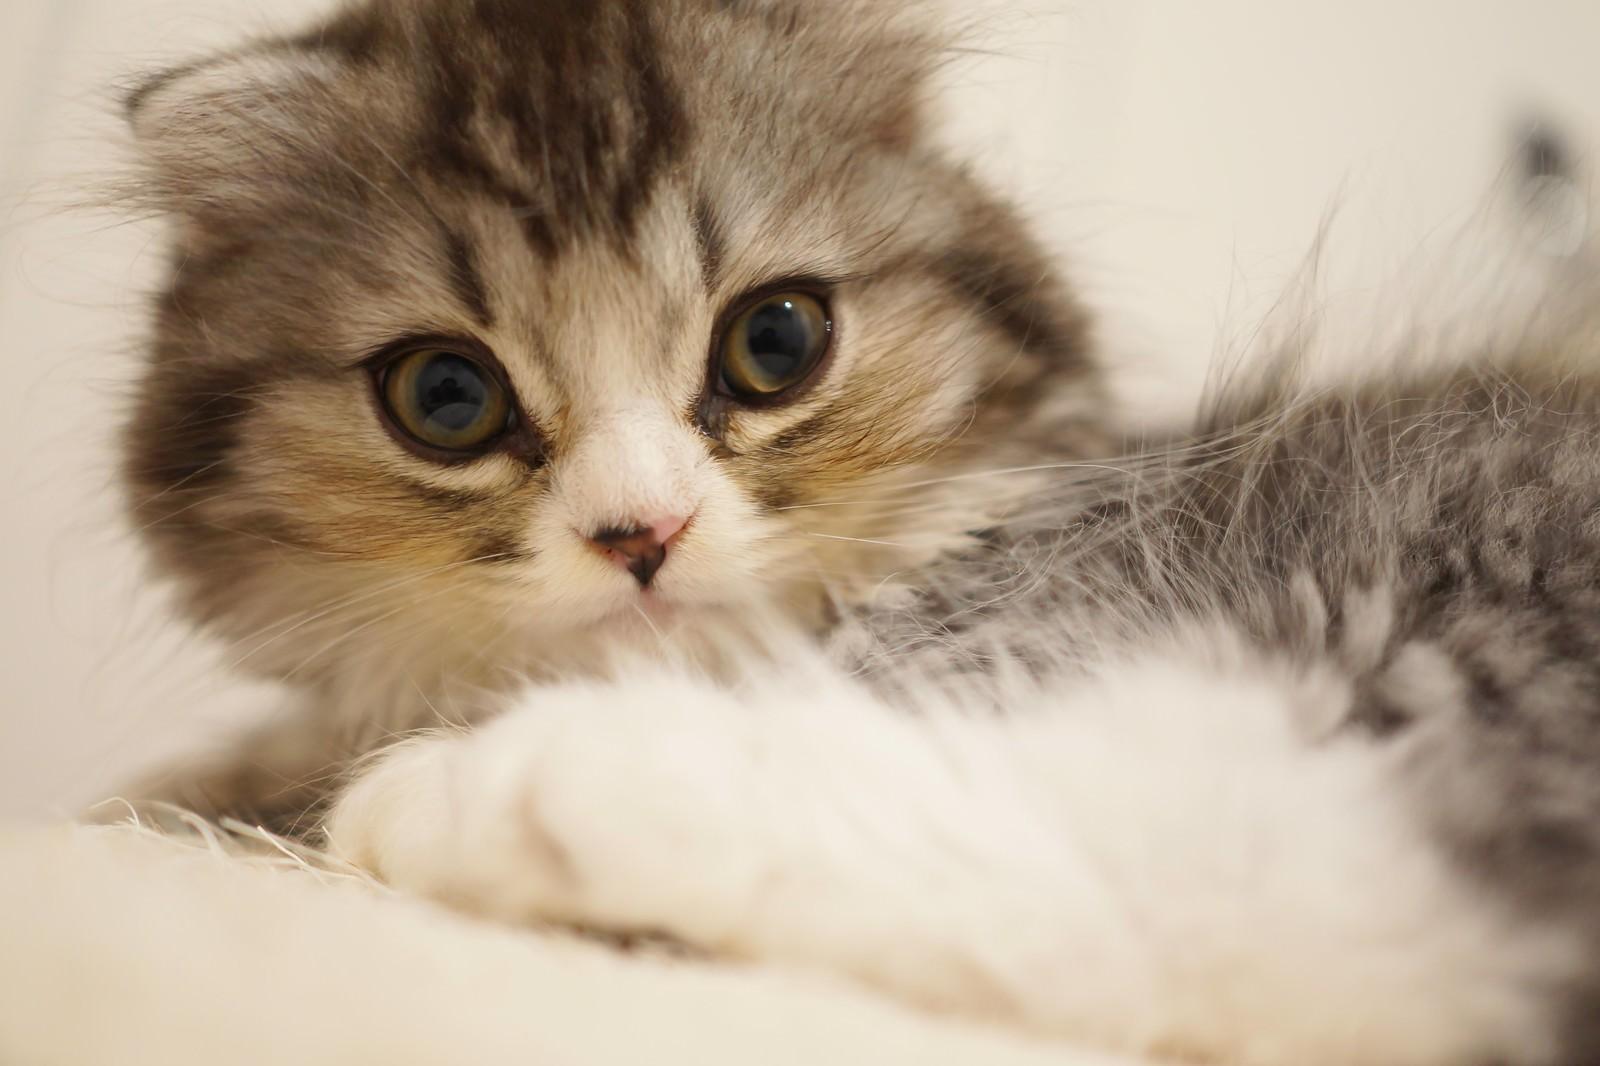 「驚いた表情の猫(スコティッシュフォールド)   写真の無料素材・フリー素材 - ぱくたそ」の写真